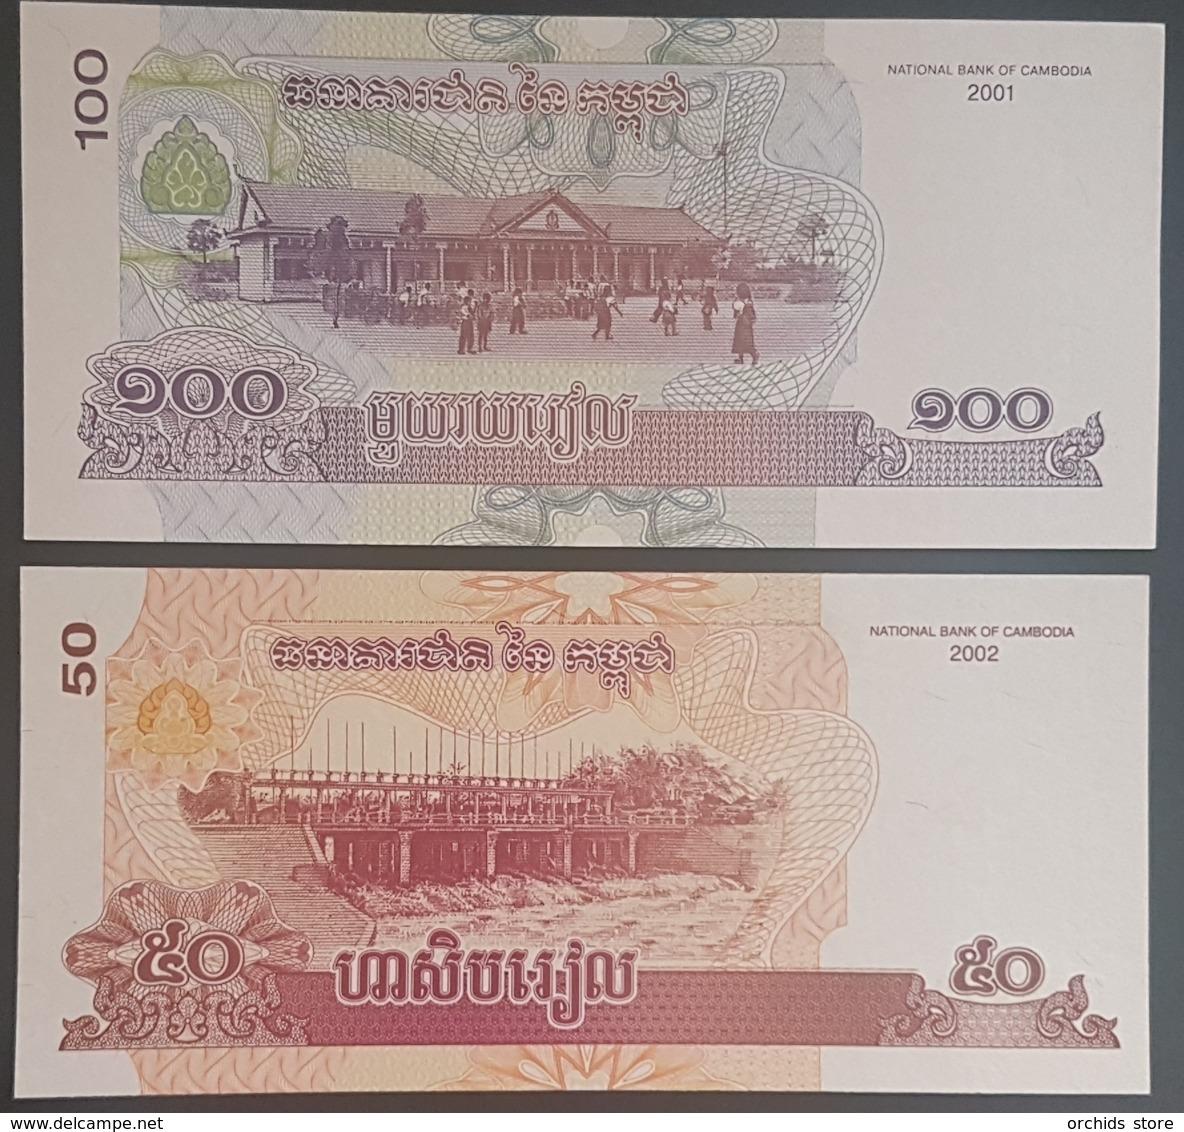 E11g2 Banknotes - Cambodia 2001 100 Riels UNC & 2002 50 Riels UNC - Cambodia